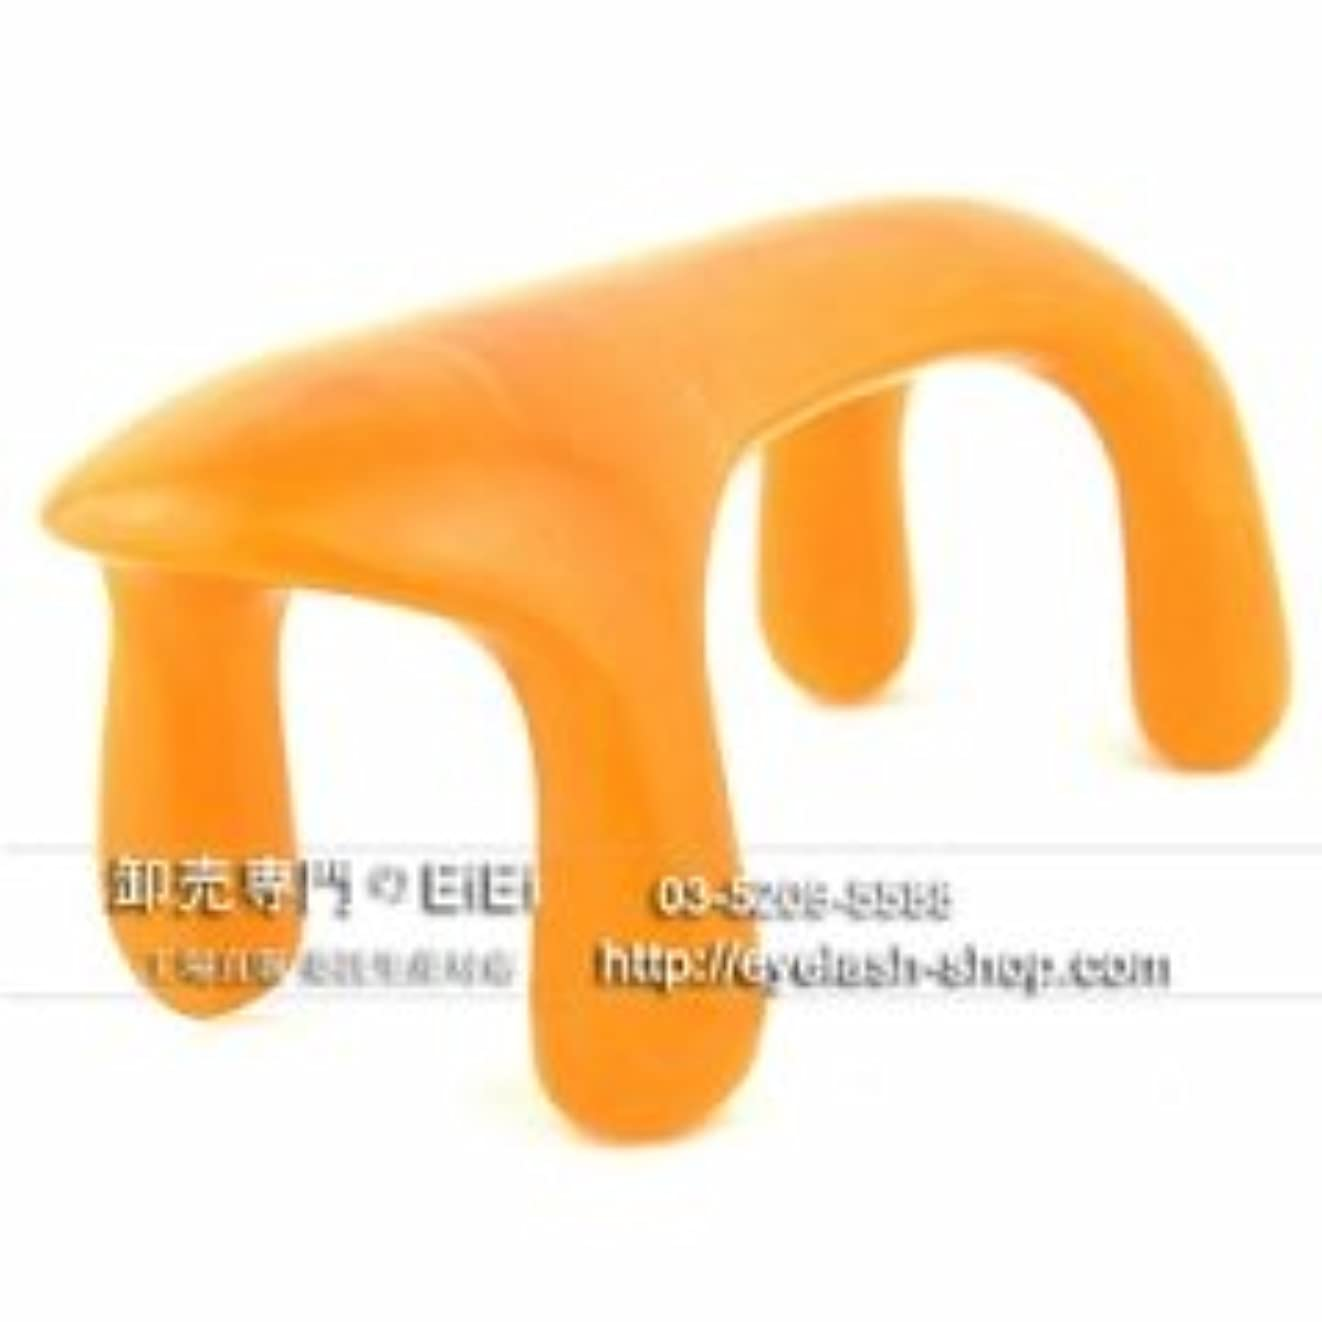 超える規制する小川かっさ板 蜜蝋かっさプレート 美容マッサージかっさ板 グアシャ板 C-08